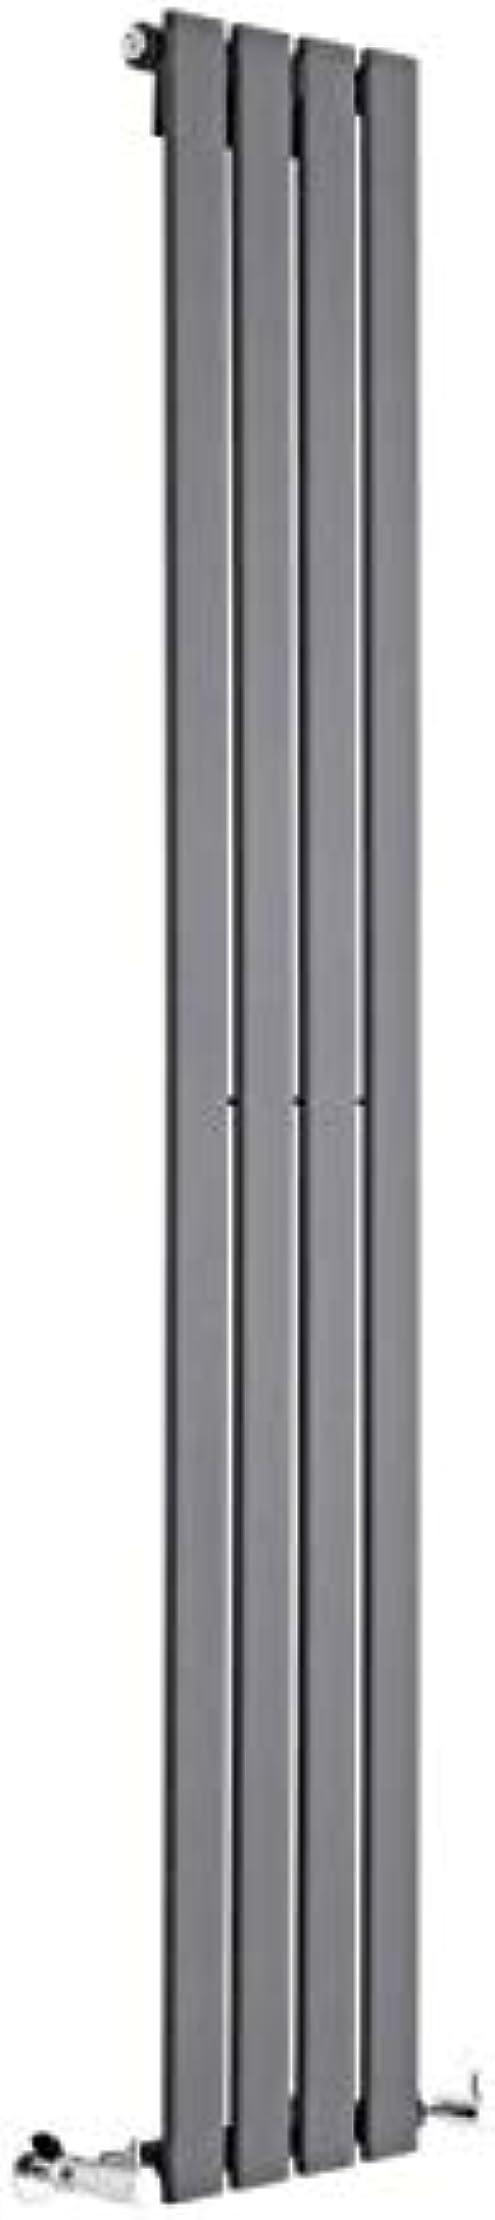 Termosifone con finitura in antracite - pannelli piatti - 1600 x 280mm - 586 watt riscaldamento ad acqua calda DE1600280VAS